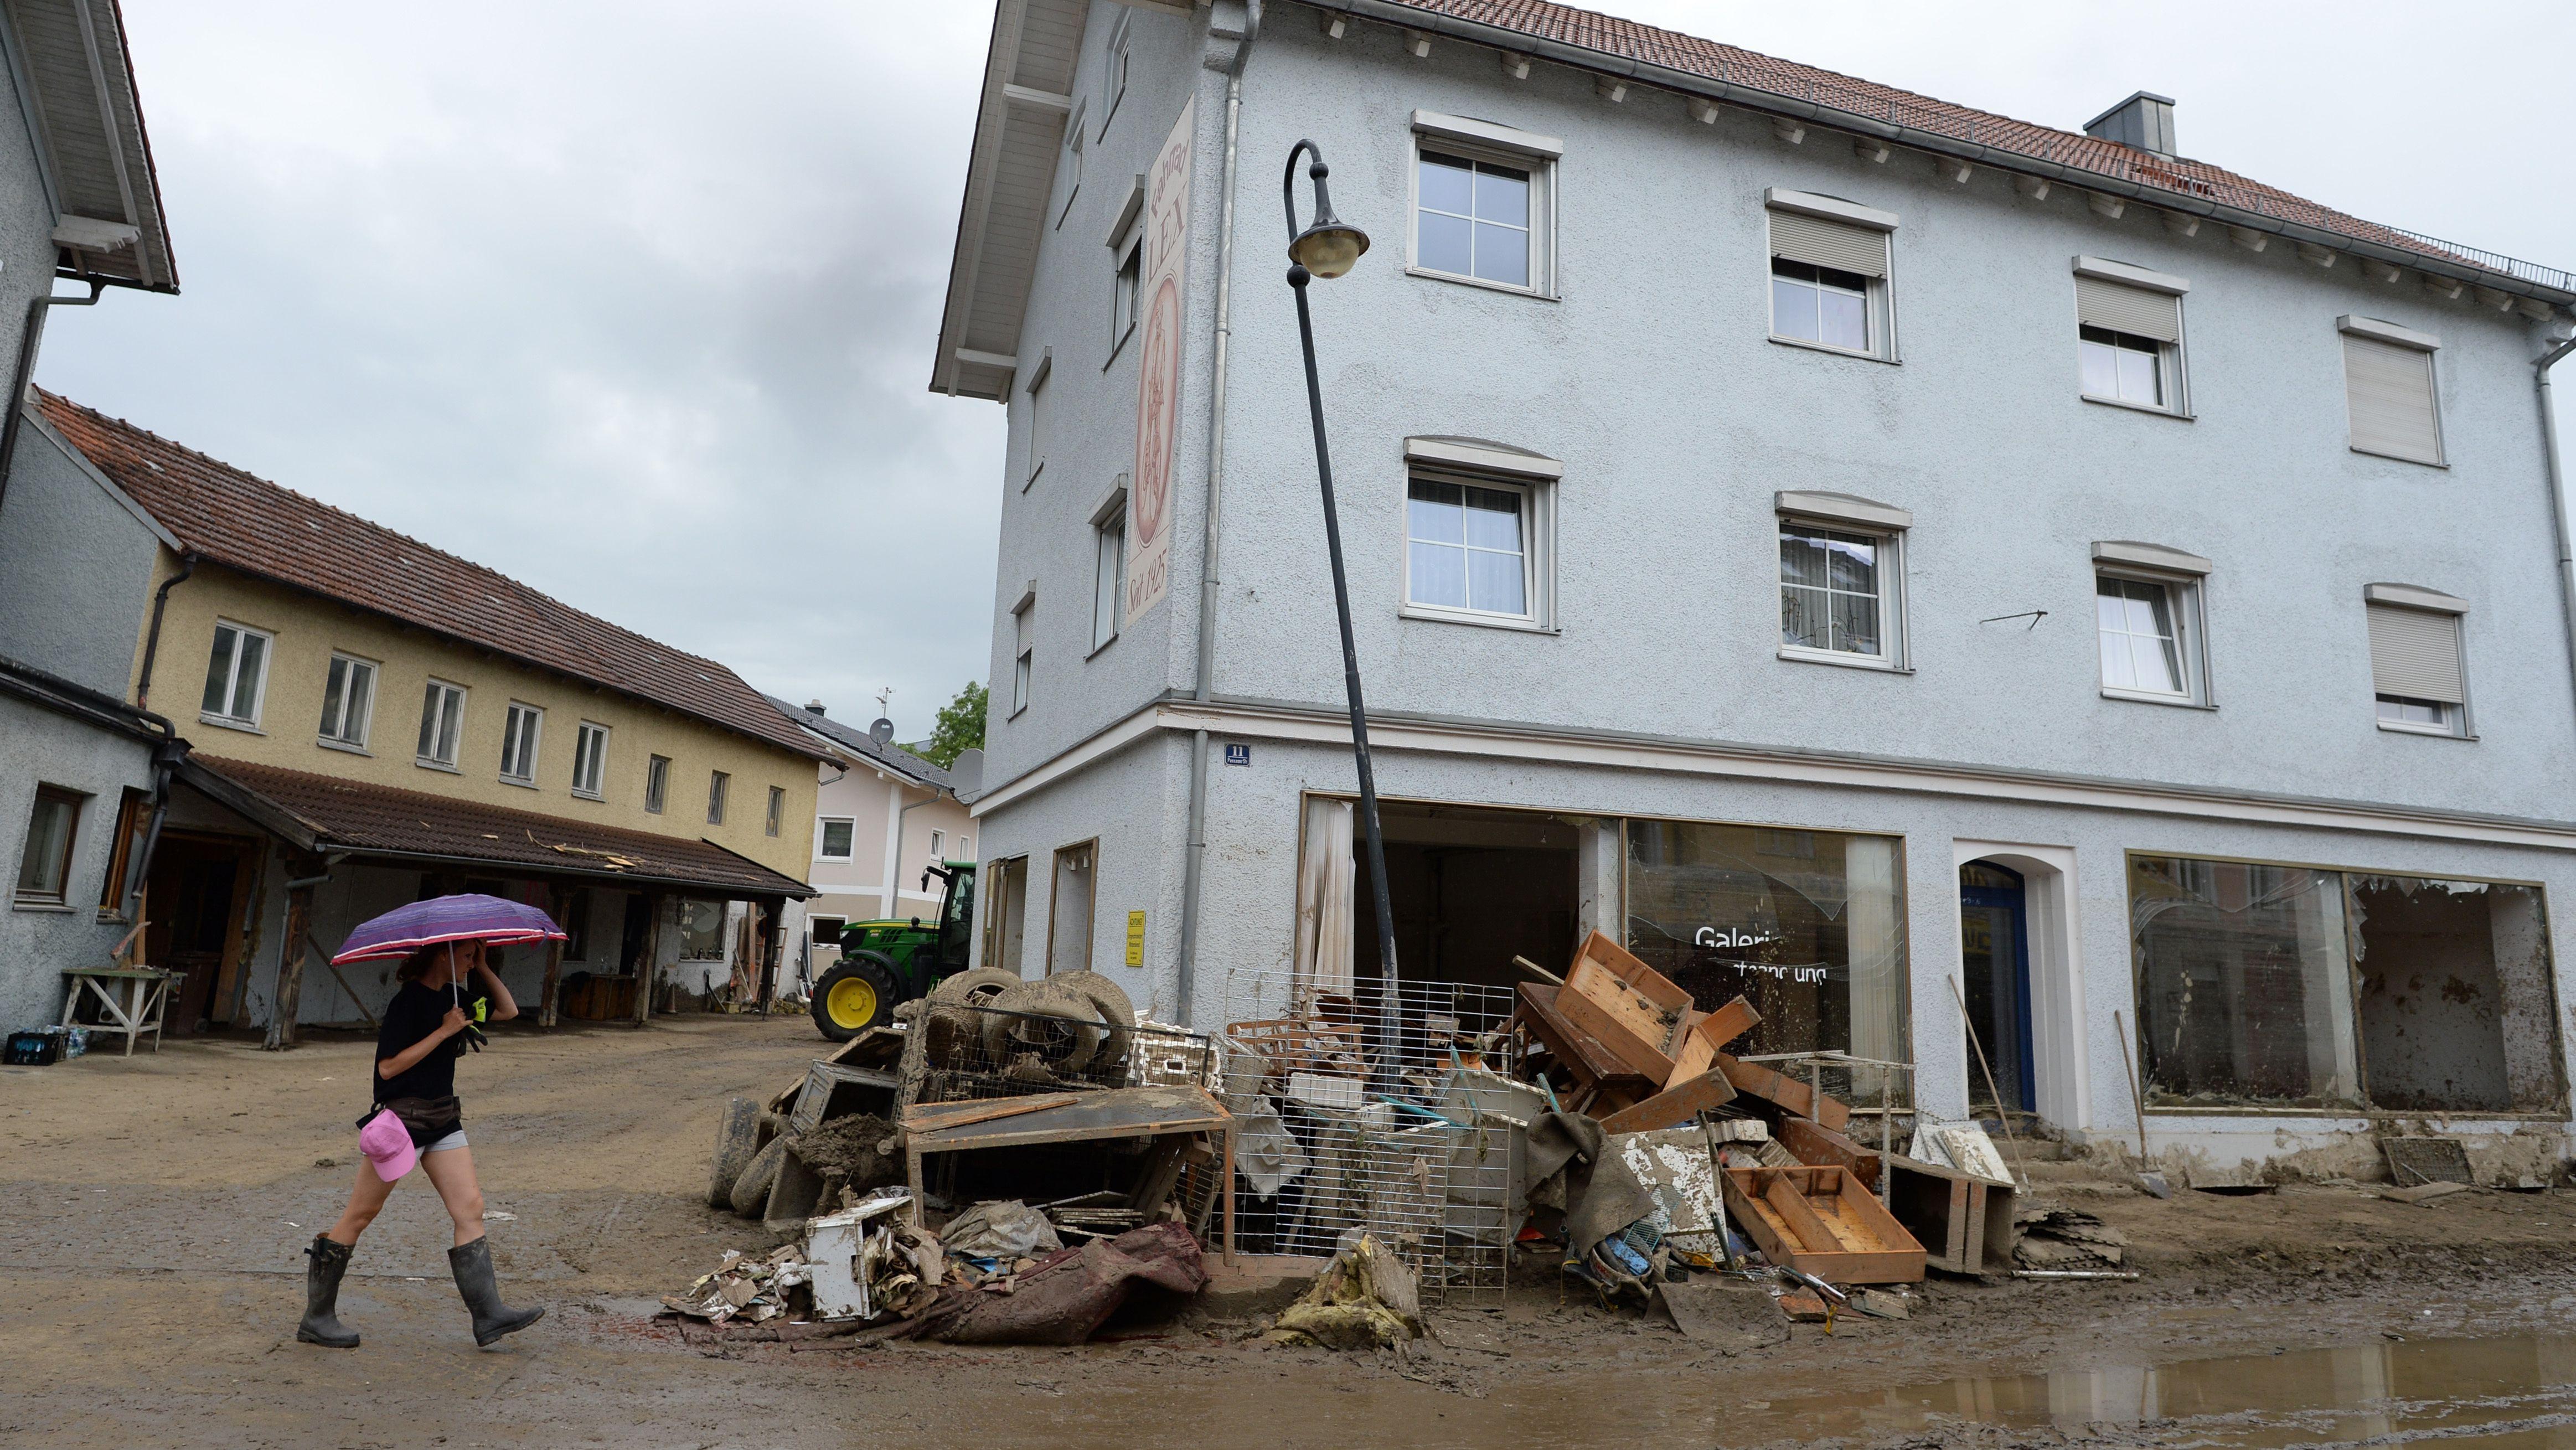 Von der Flut im Jahr 2016 beschädigtes Gebäude in Simbach am Inn